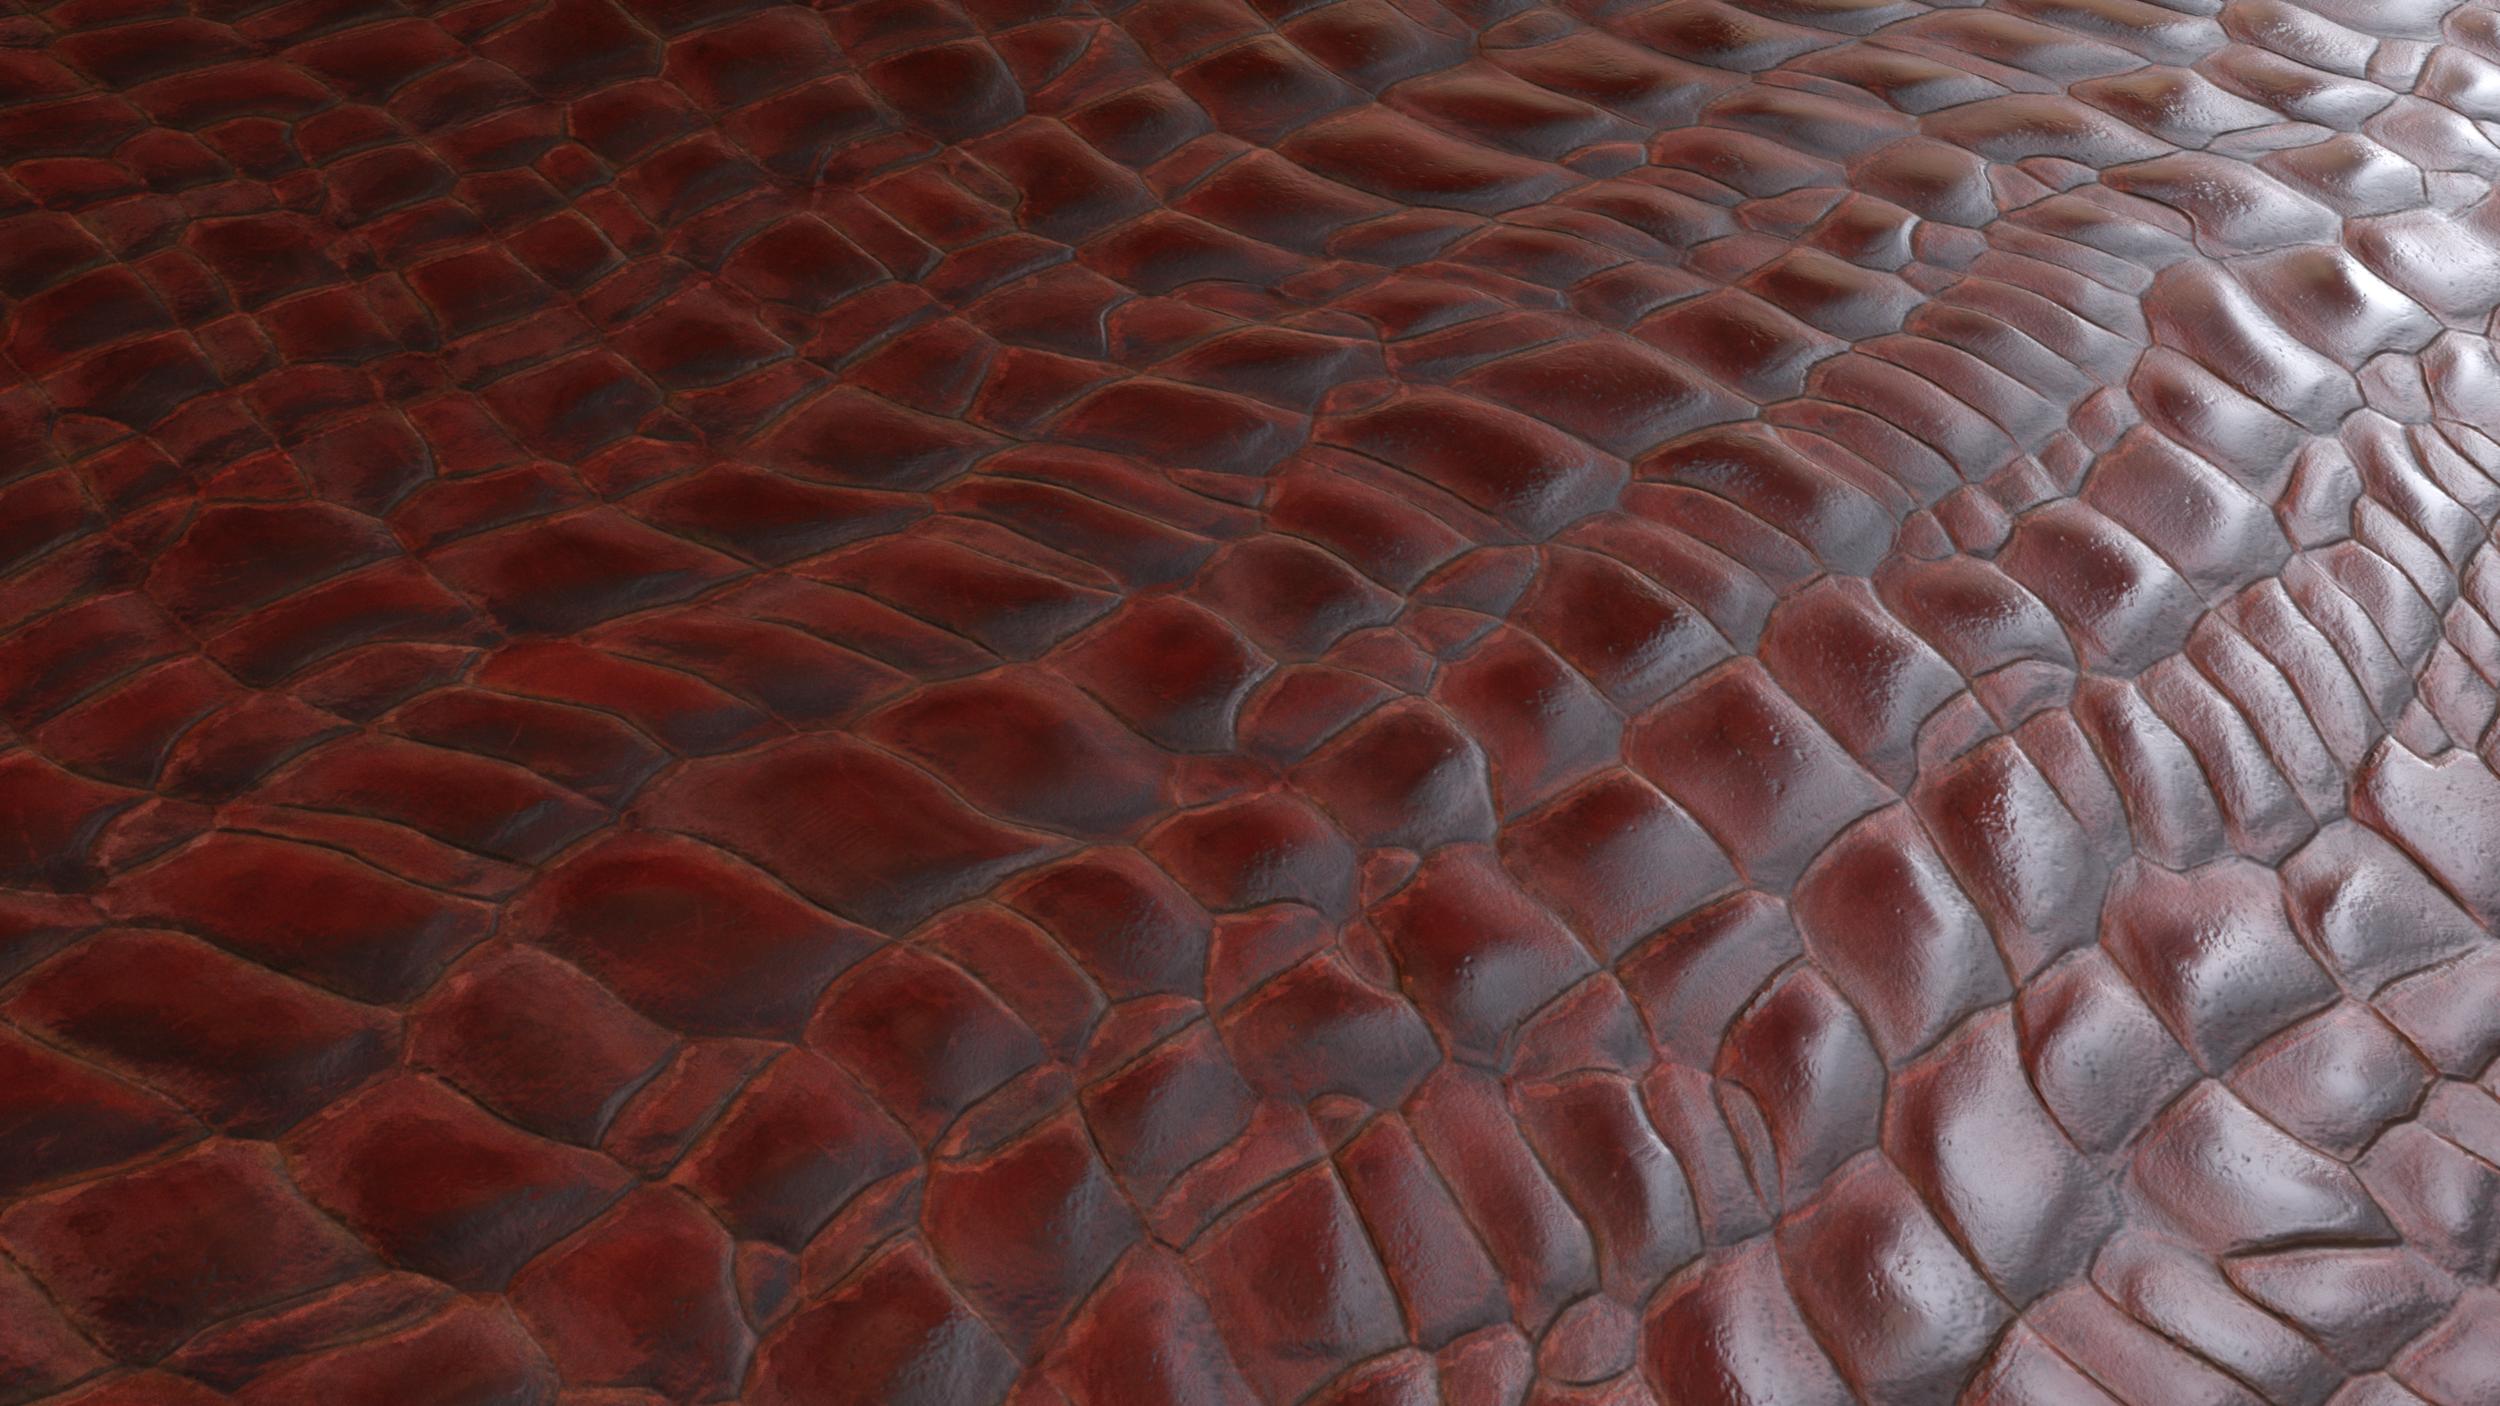 Tcom_Leather_DragonSkin_header3.png